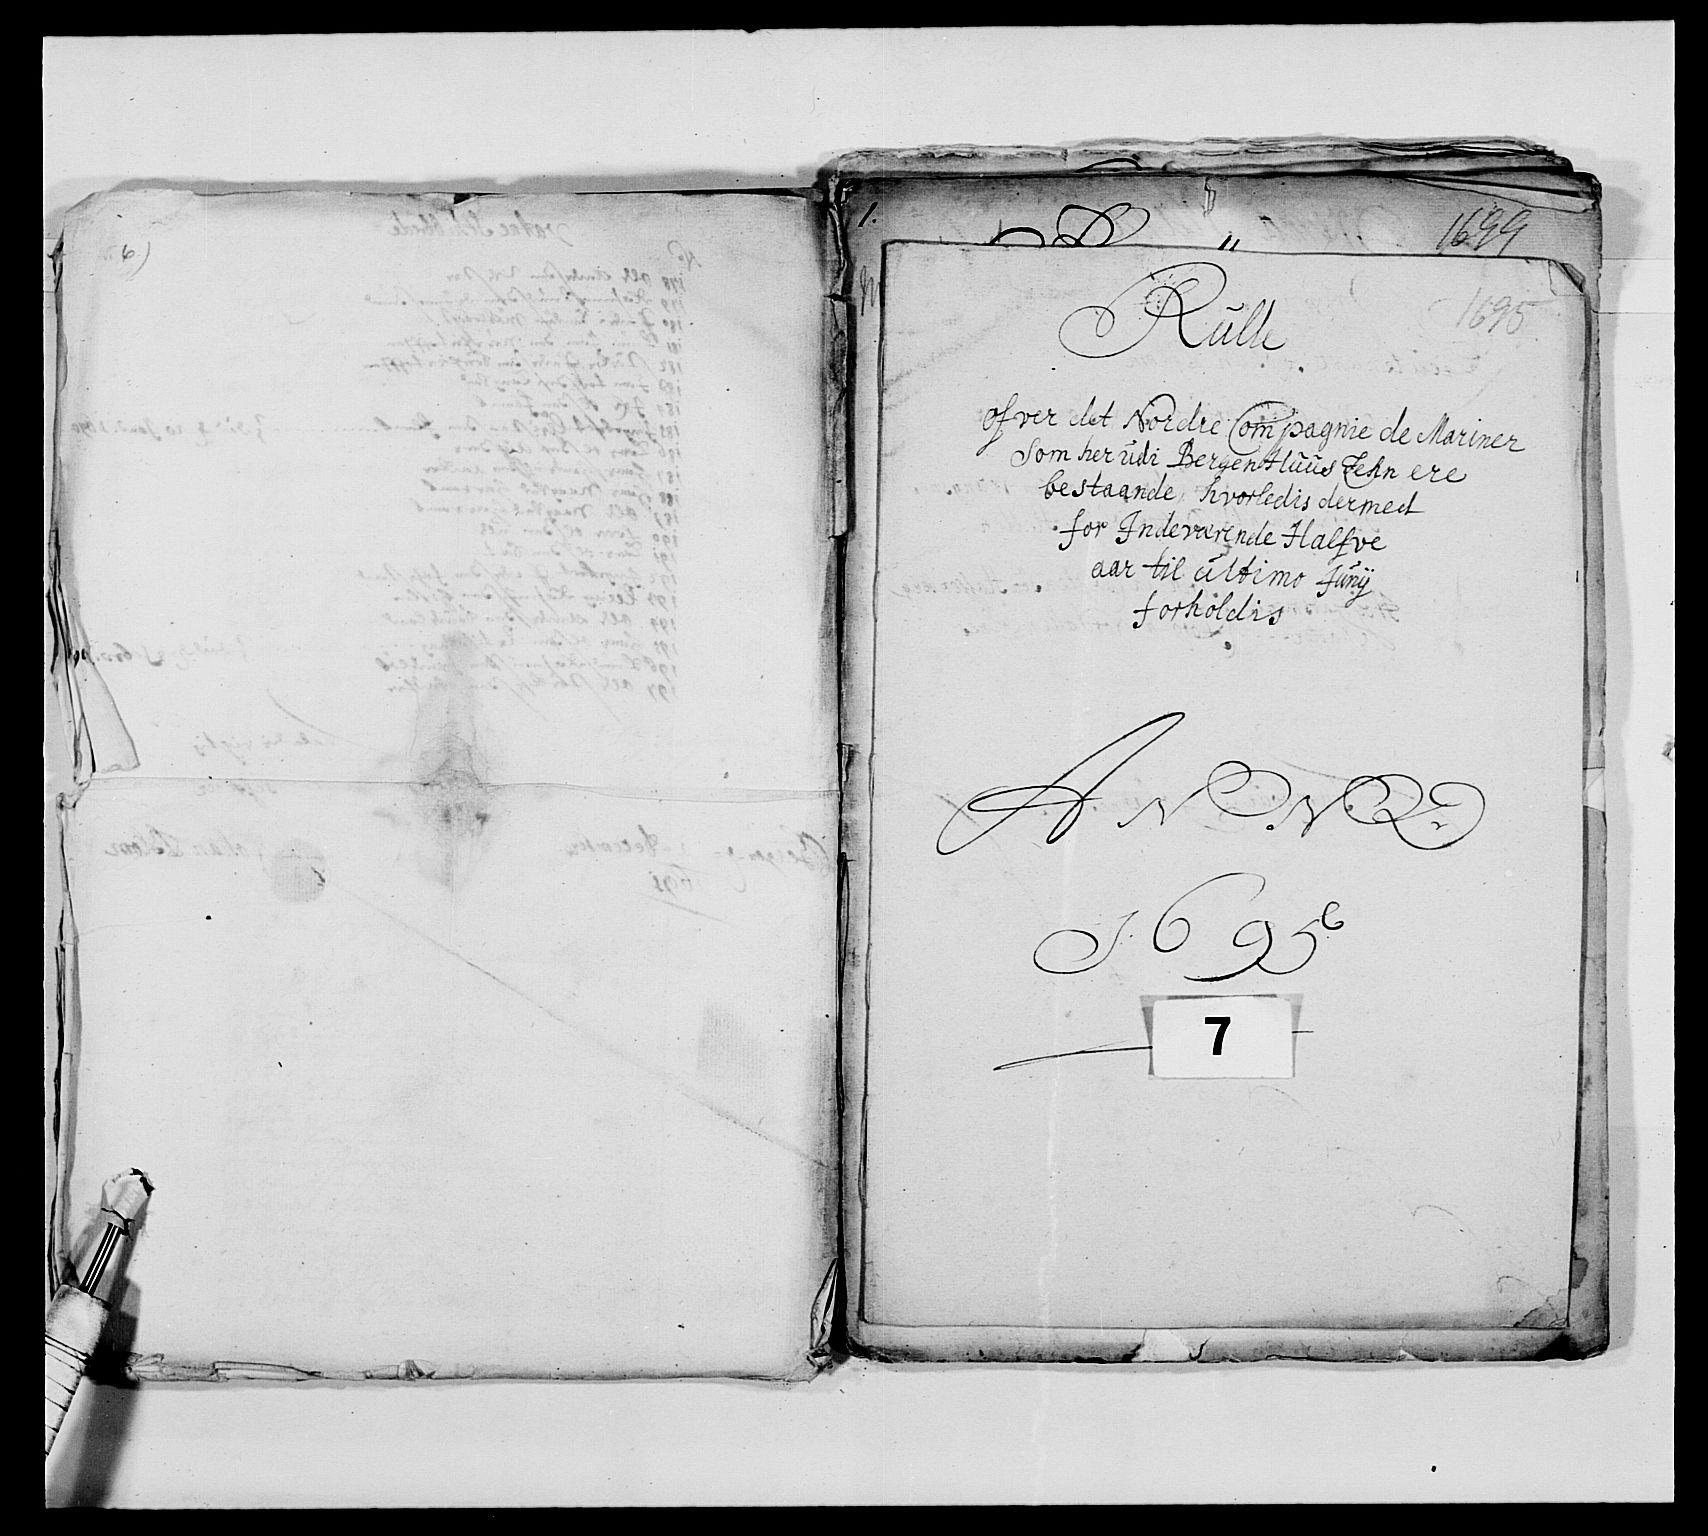 RA, Kommanderende general (KG I) med Det norske krigsdirektorium, E/Ea/L0473: Marineregimentet, 1664-1700, s. 154